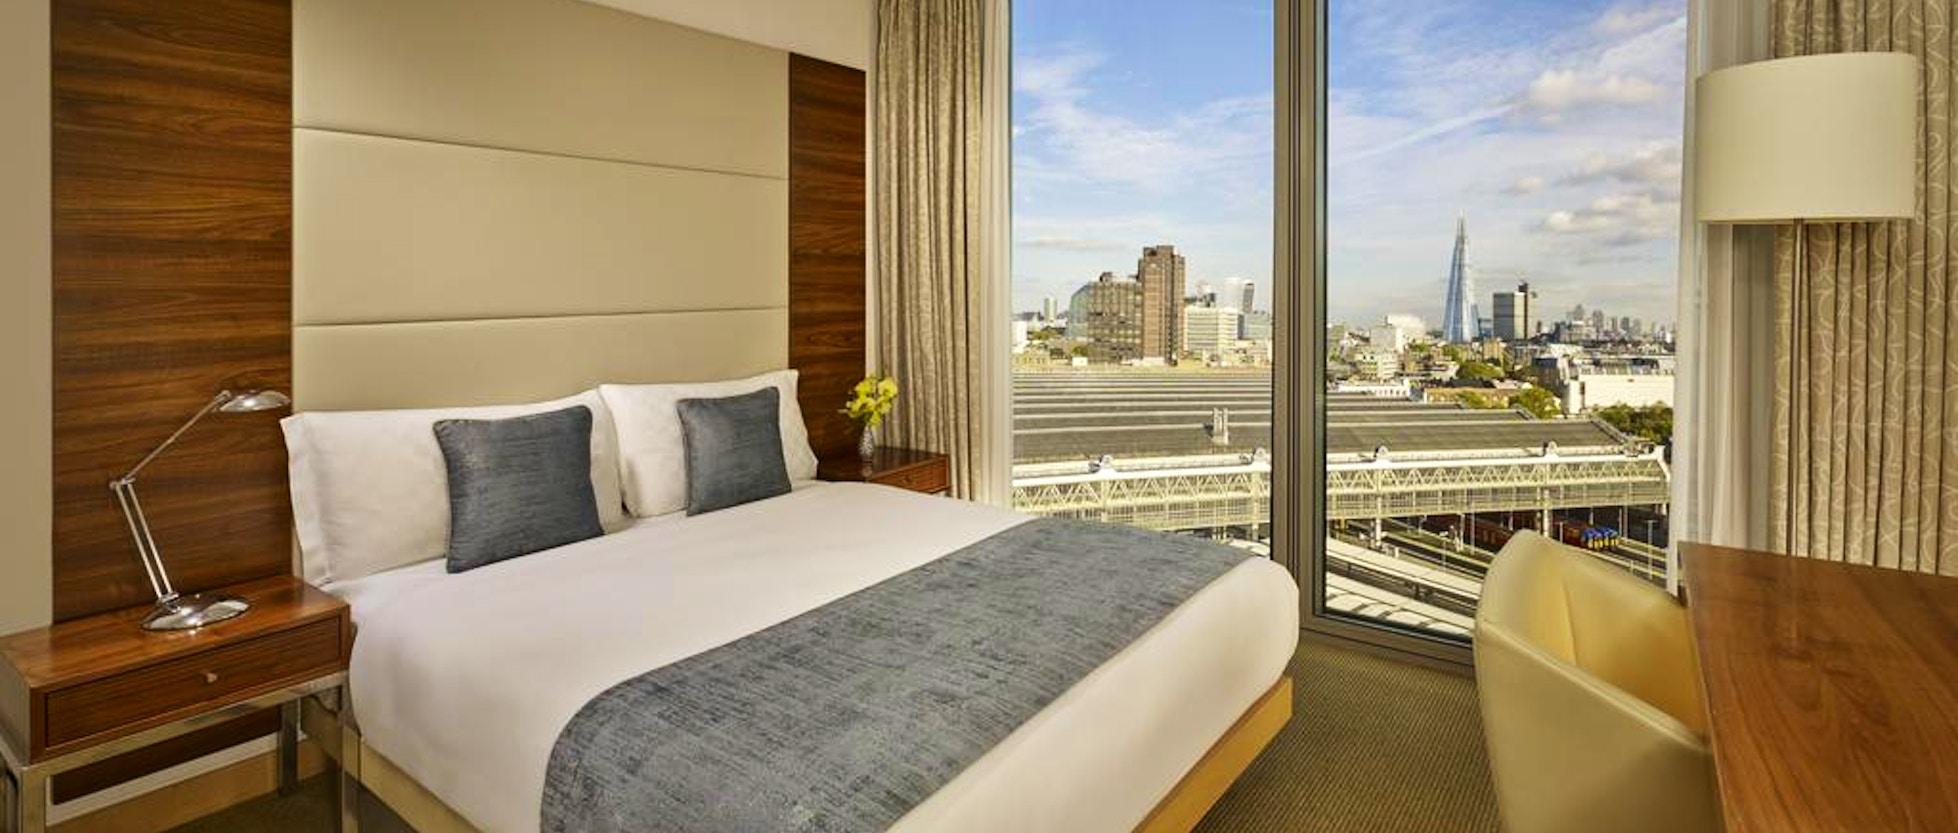 10 Hotel A Londra Per Famiglie Dove Dormire Con I Bambini